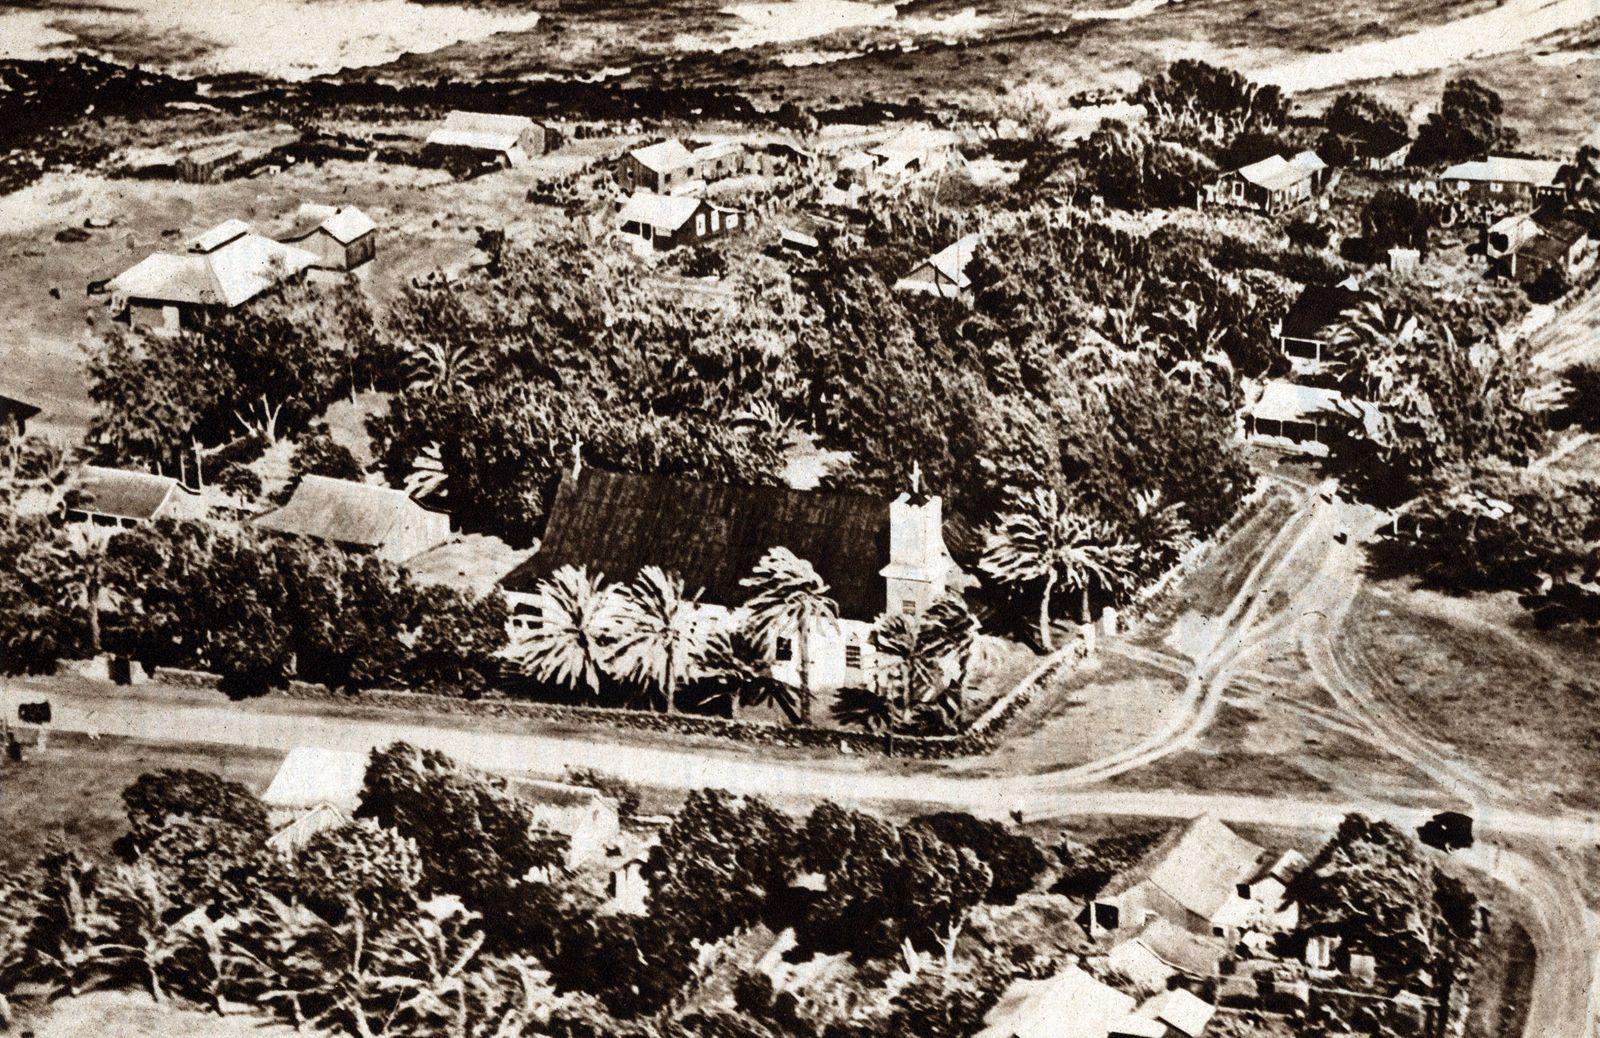 Vue sur la leproserie de Molokai construite par le pere Damien 1840 1889 a Hawai View of the lepe